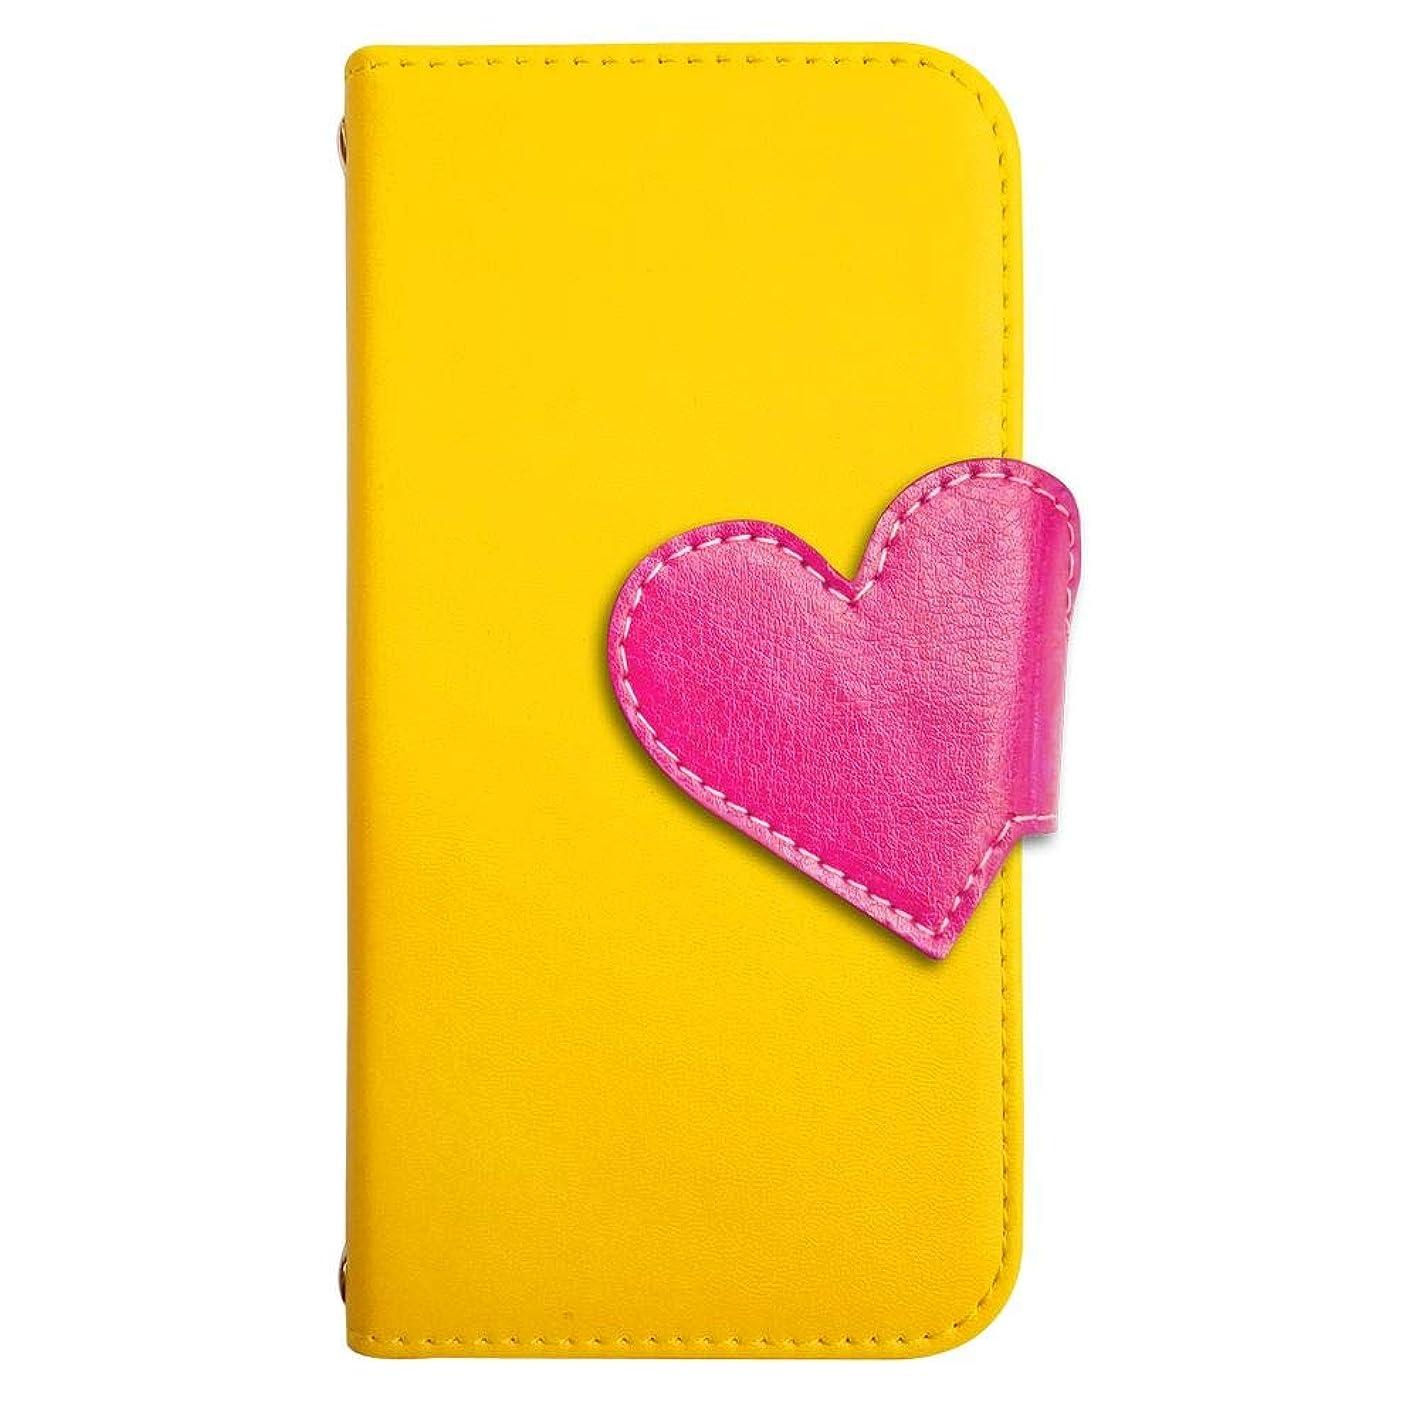 どういたしまして研究所考案するsslink iPodTouch5 アイポッドタッチ5 ケース 手帳型 スマホケース ハート(ローズ) ベルト きせかえ belty おしゃれ (カバー色イエロー) ダイアリータイプ 横開き カード収納 フリップ カバー スマートフォン